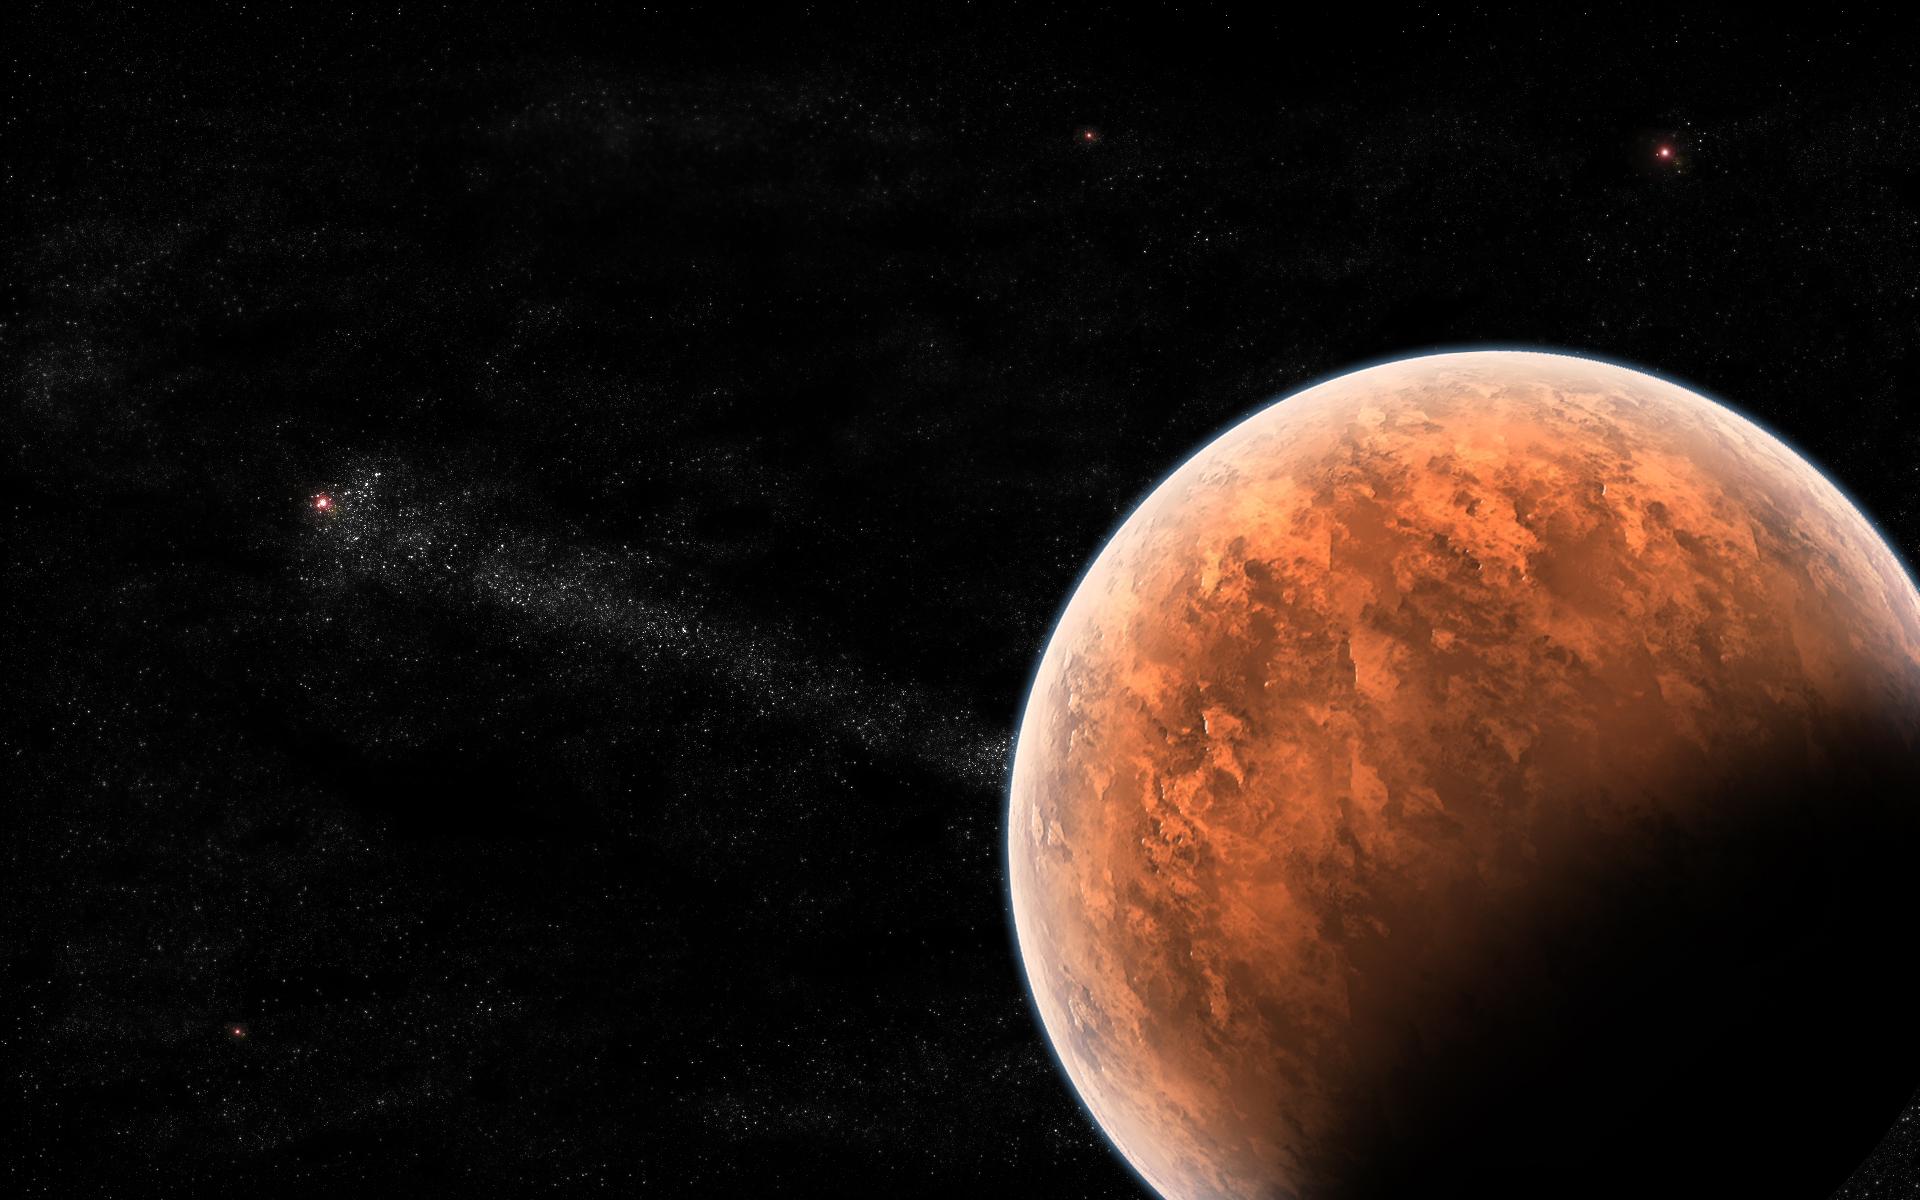 壁纸 1920x1200像素 艺术 Cg 数字 Fi 小说 火星 月亮 性质